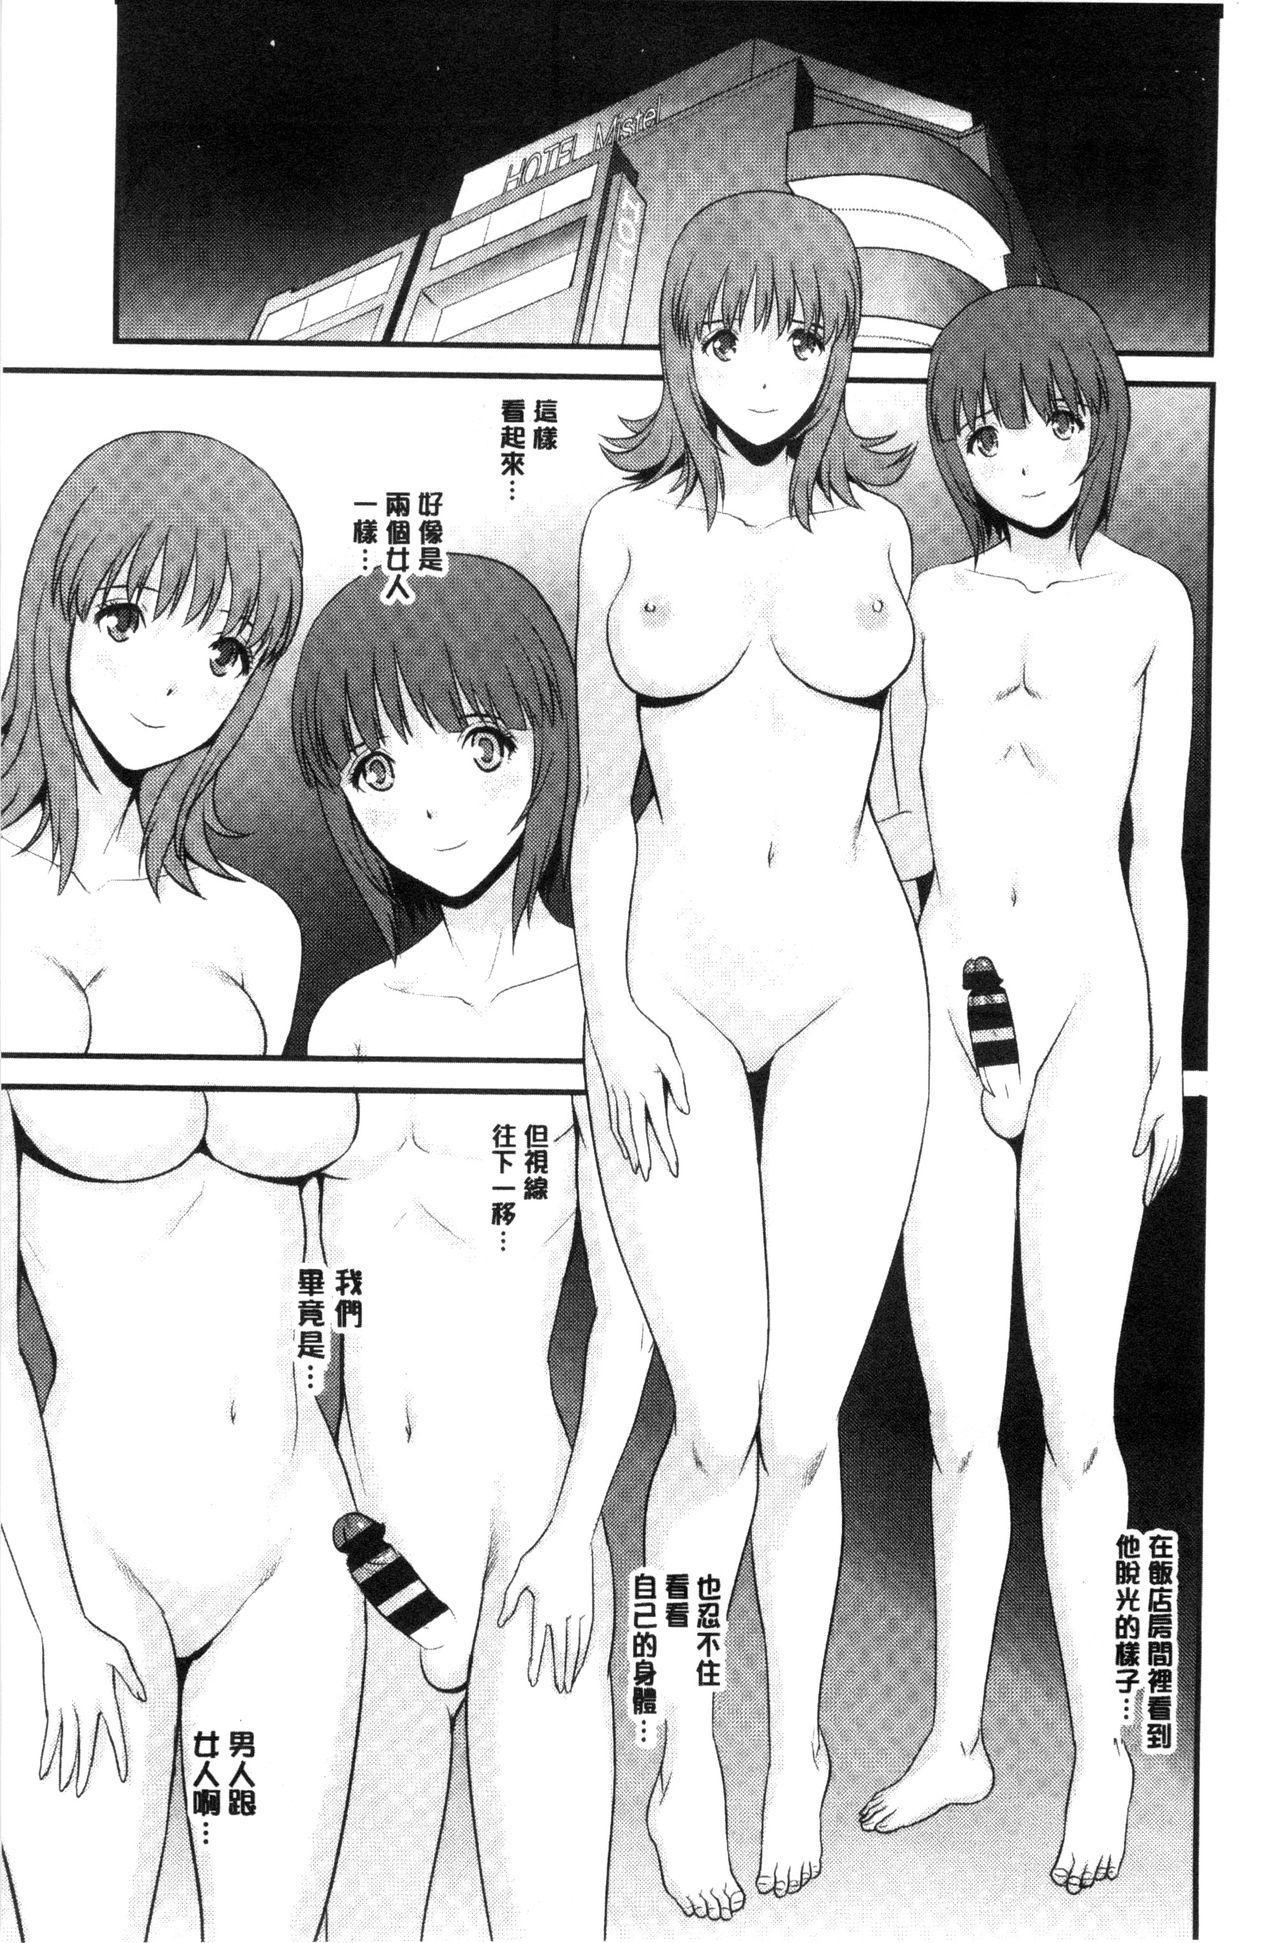 [Saigado] Part Time Manaka-san Wakazuma Enjokousai-ki | 兼職打工的愛花小姐 [Chinese] 51